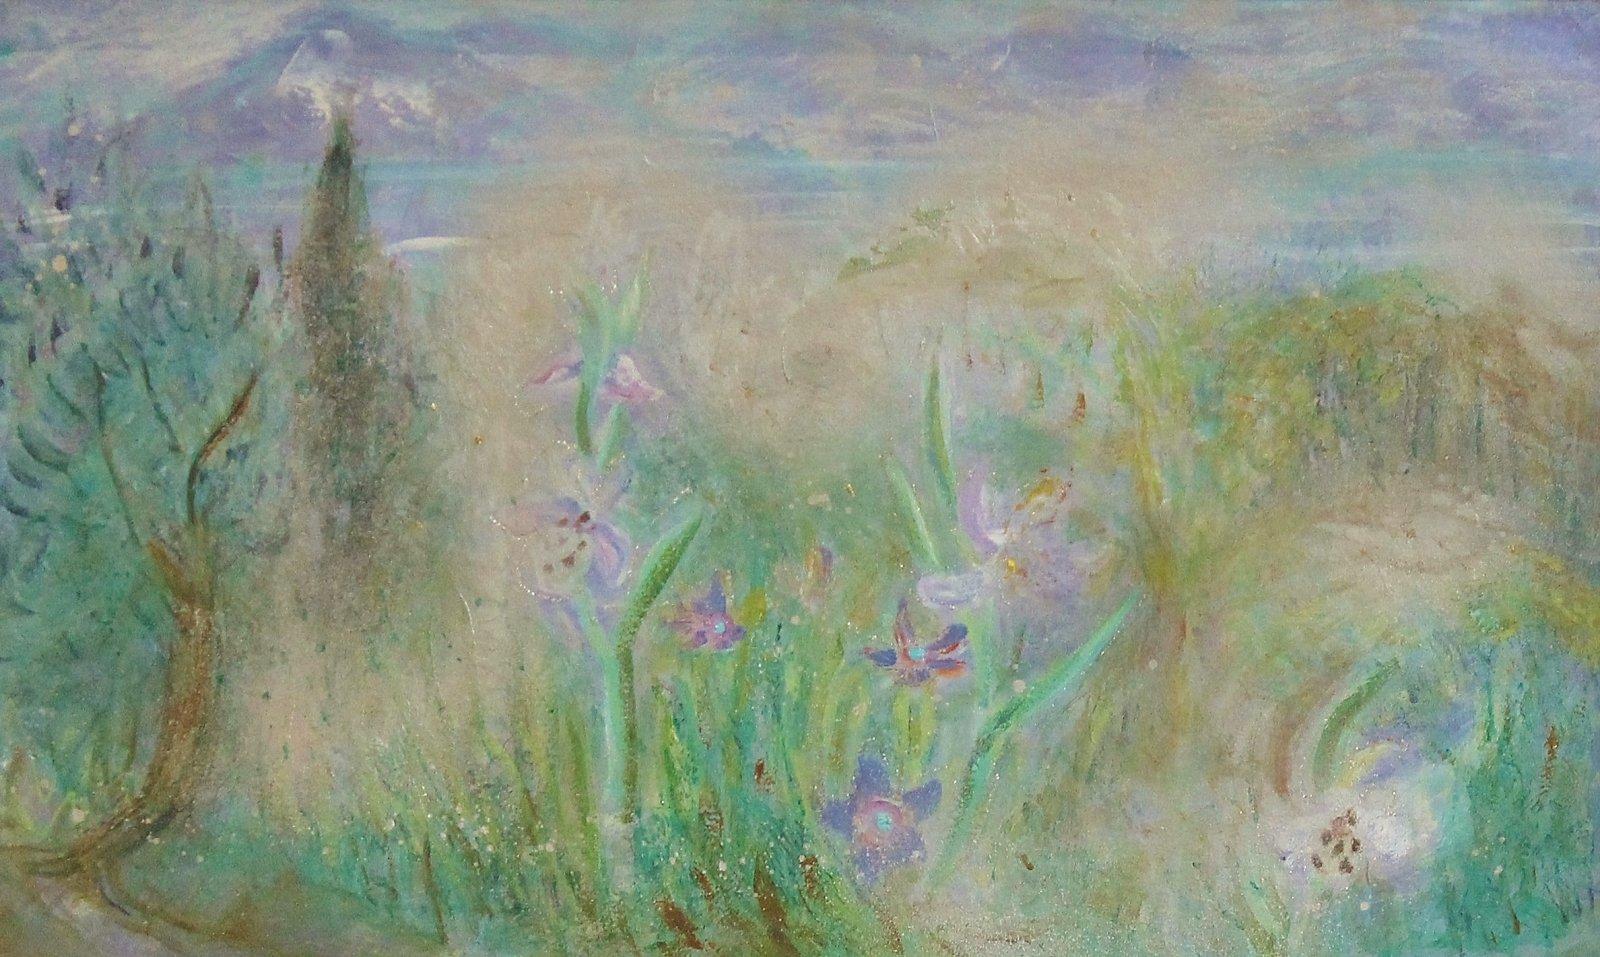 flowers-in-a-landscape-1469189432.jpg